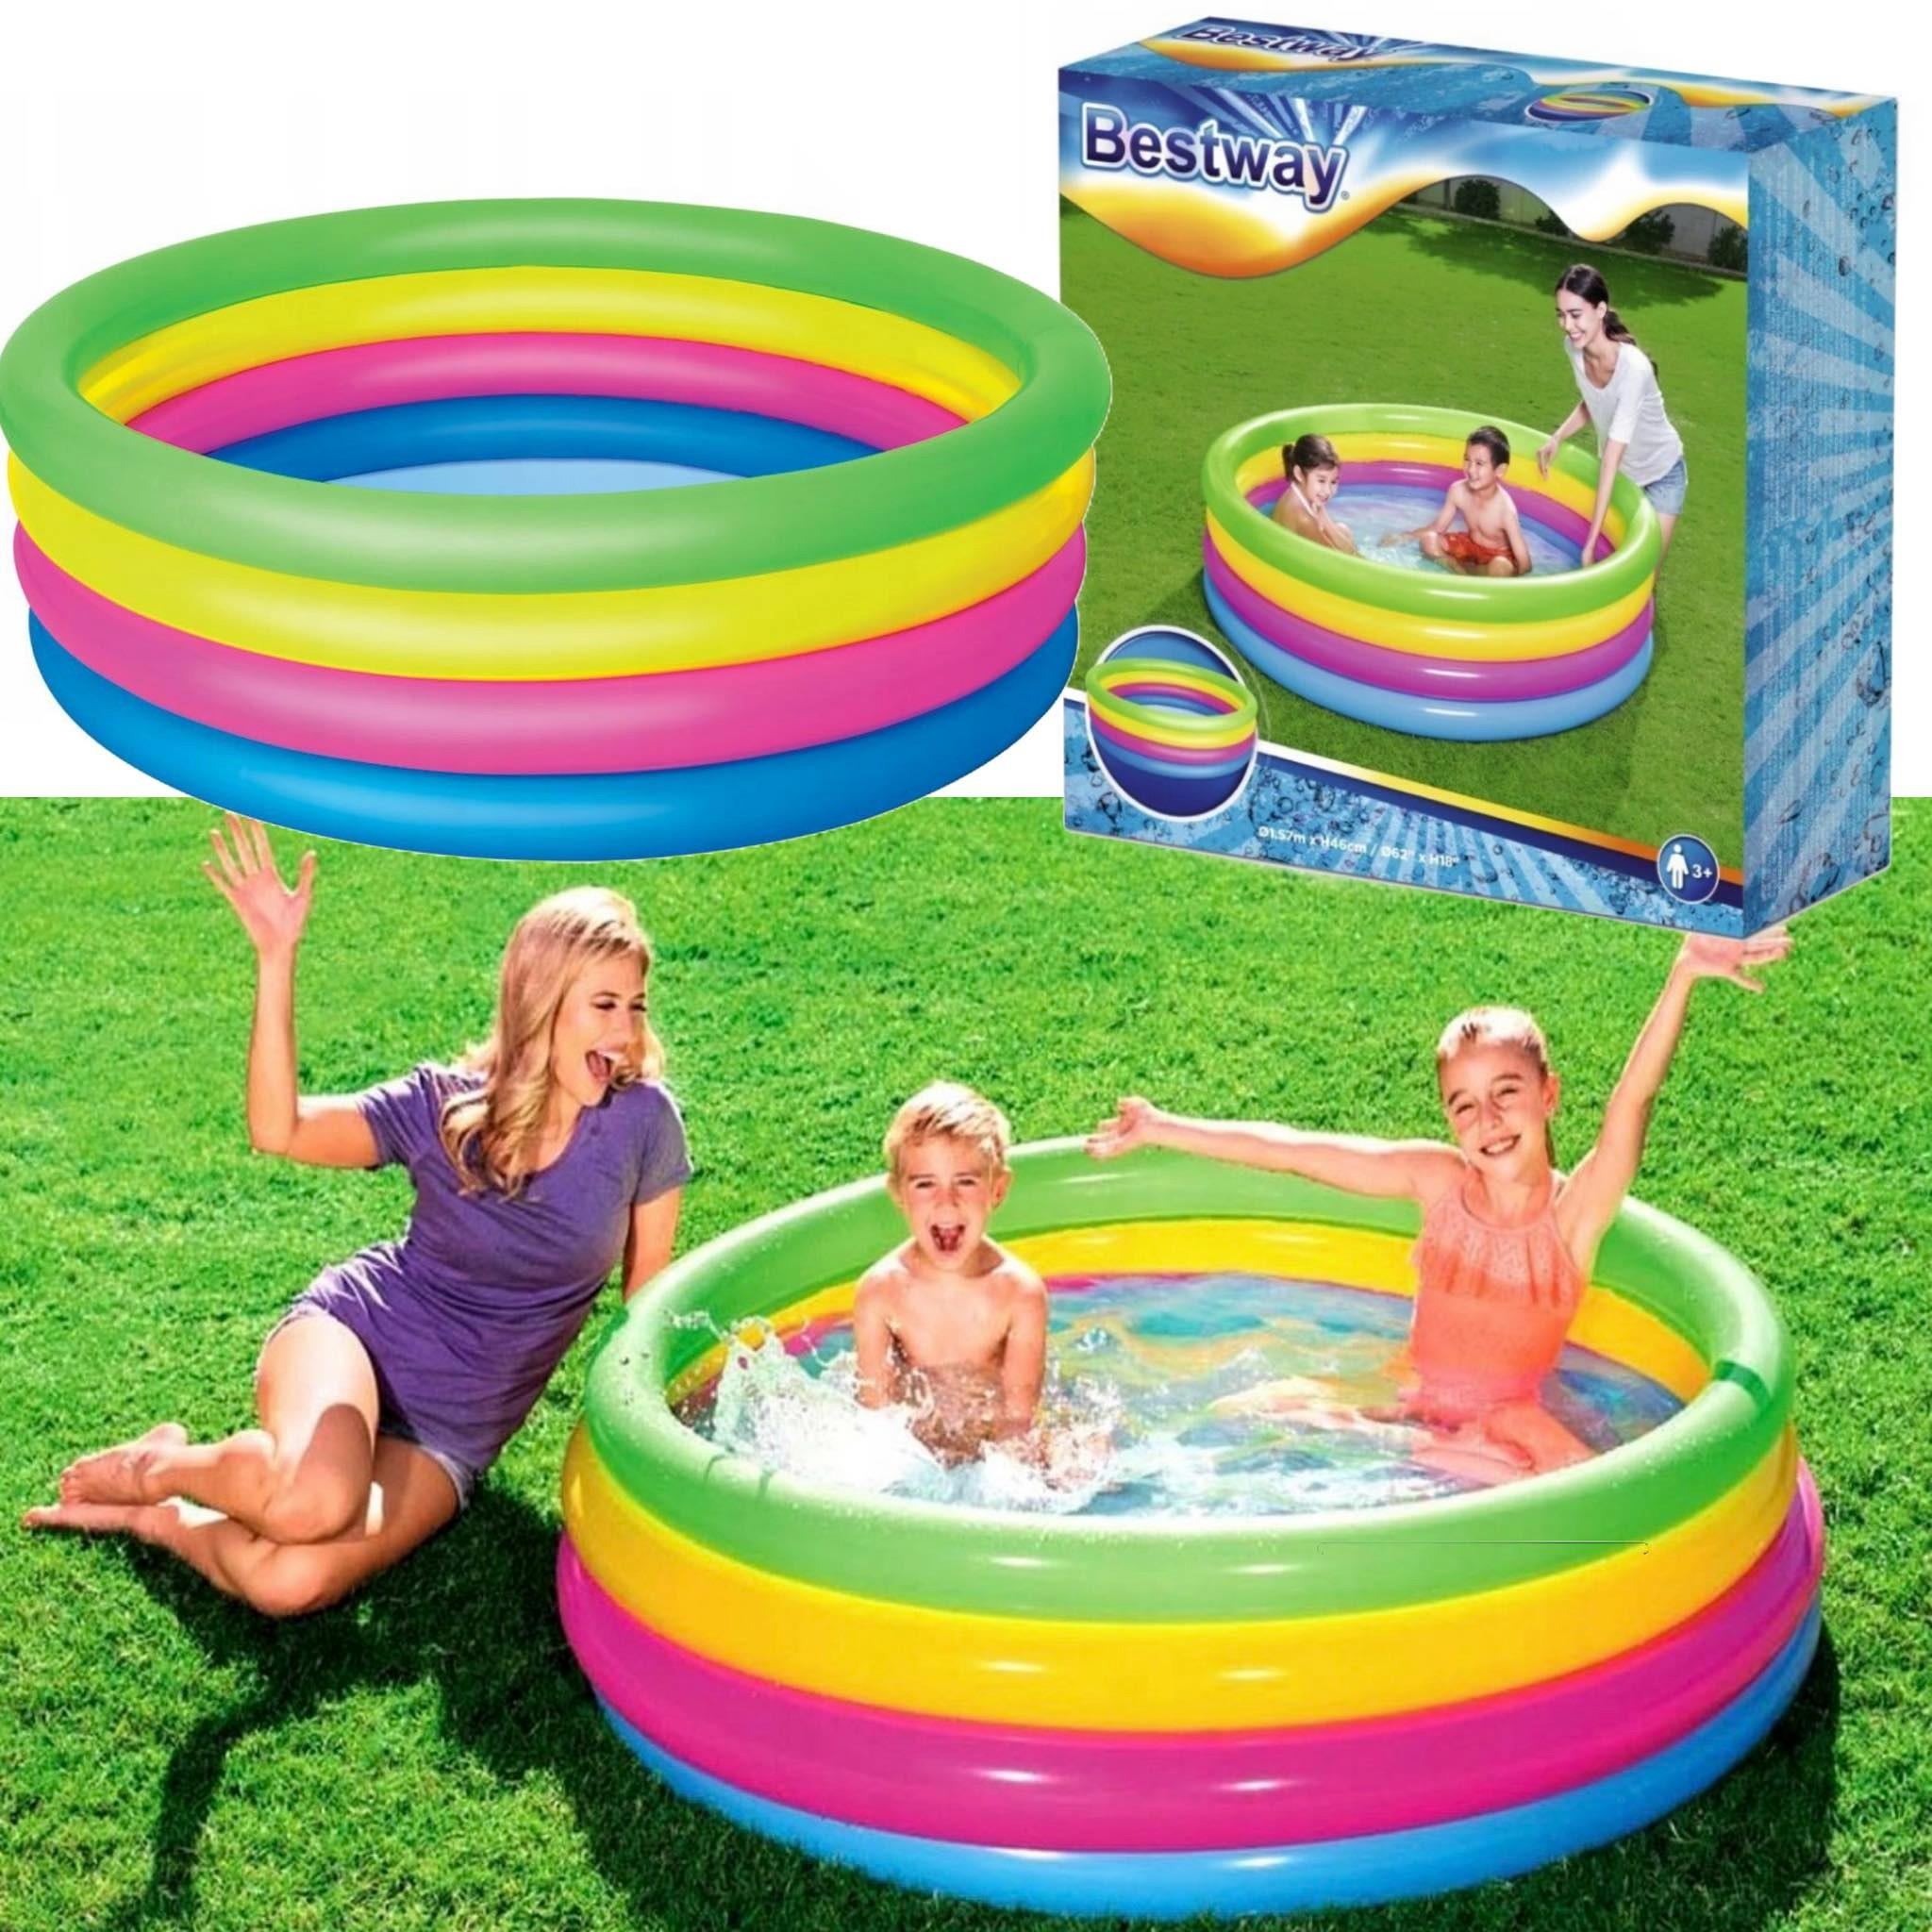 Basen dla dzieci BESTWAY kolorowy ogrodowy dziecięcy kolory